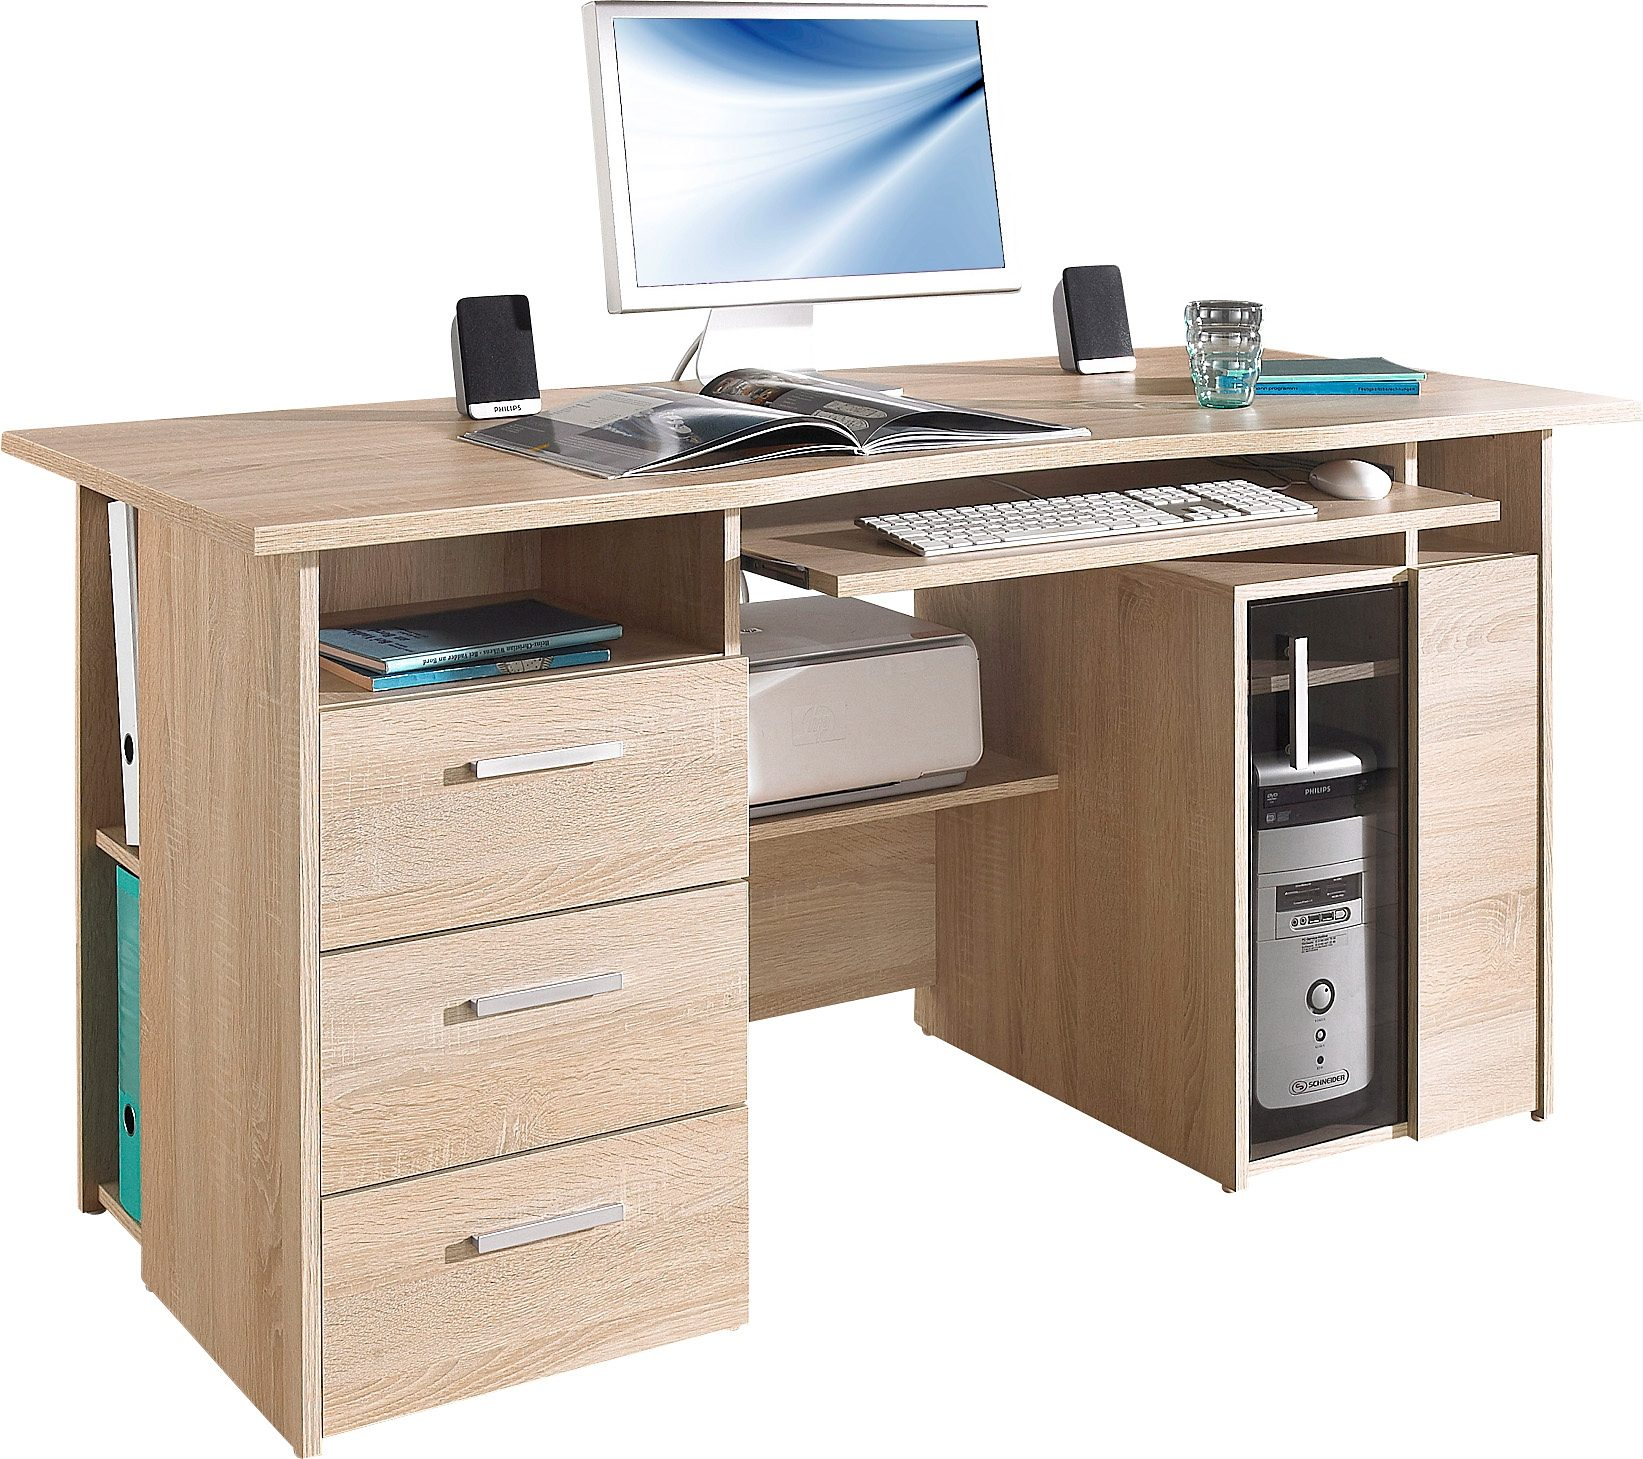 Image of Maja Möbel Computertisch »Heide«